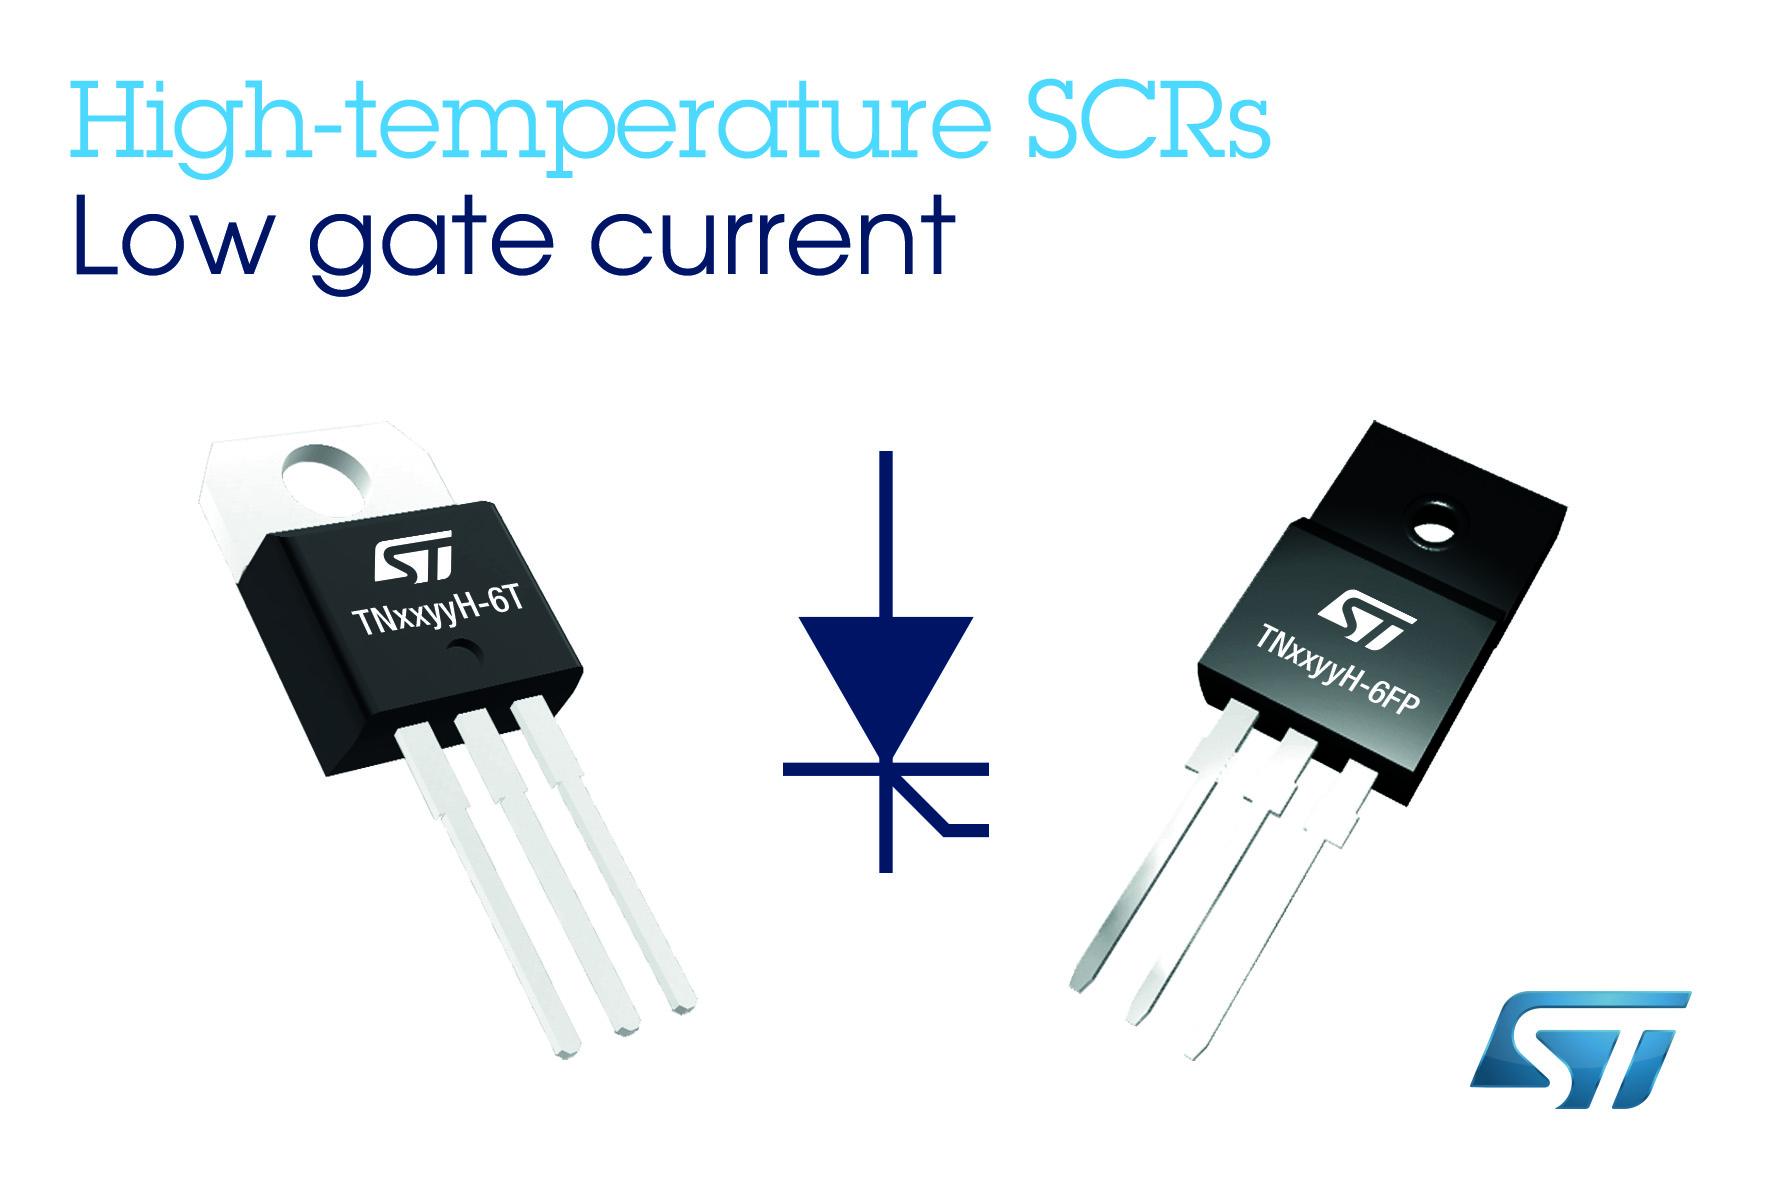 意法半导体(ST)推出新款高温硅功率开关,可大幅提升摩托车和工业应用的可靠性